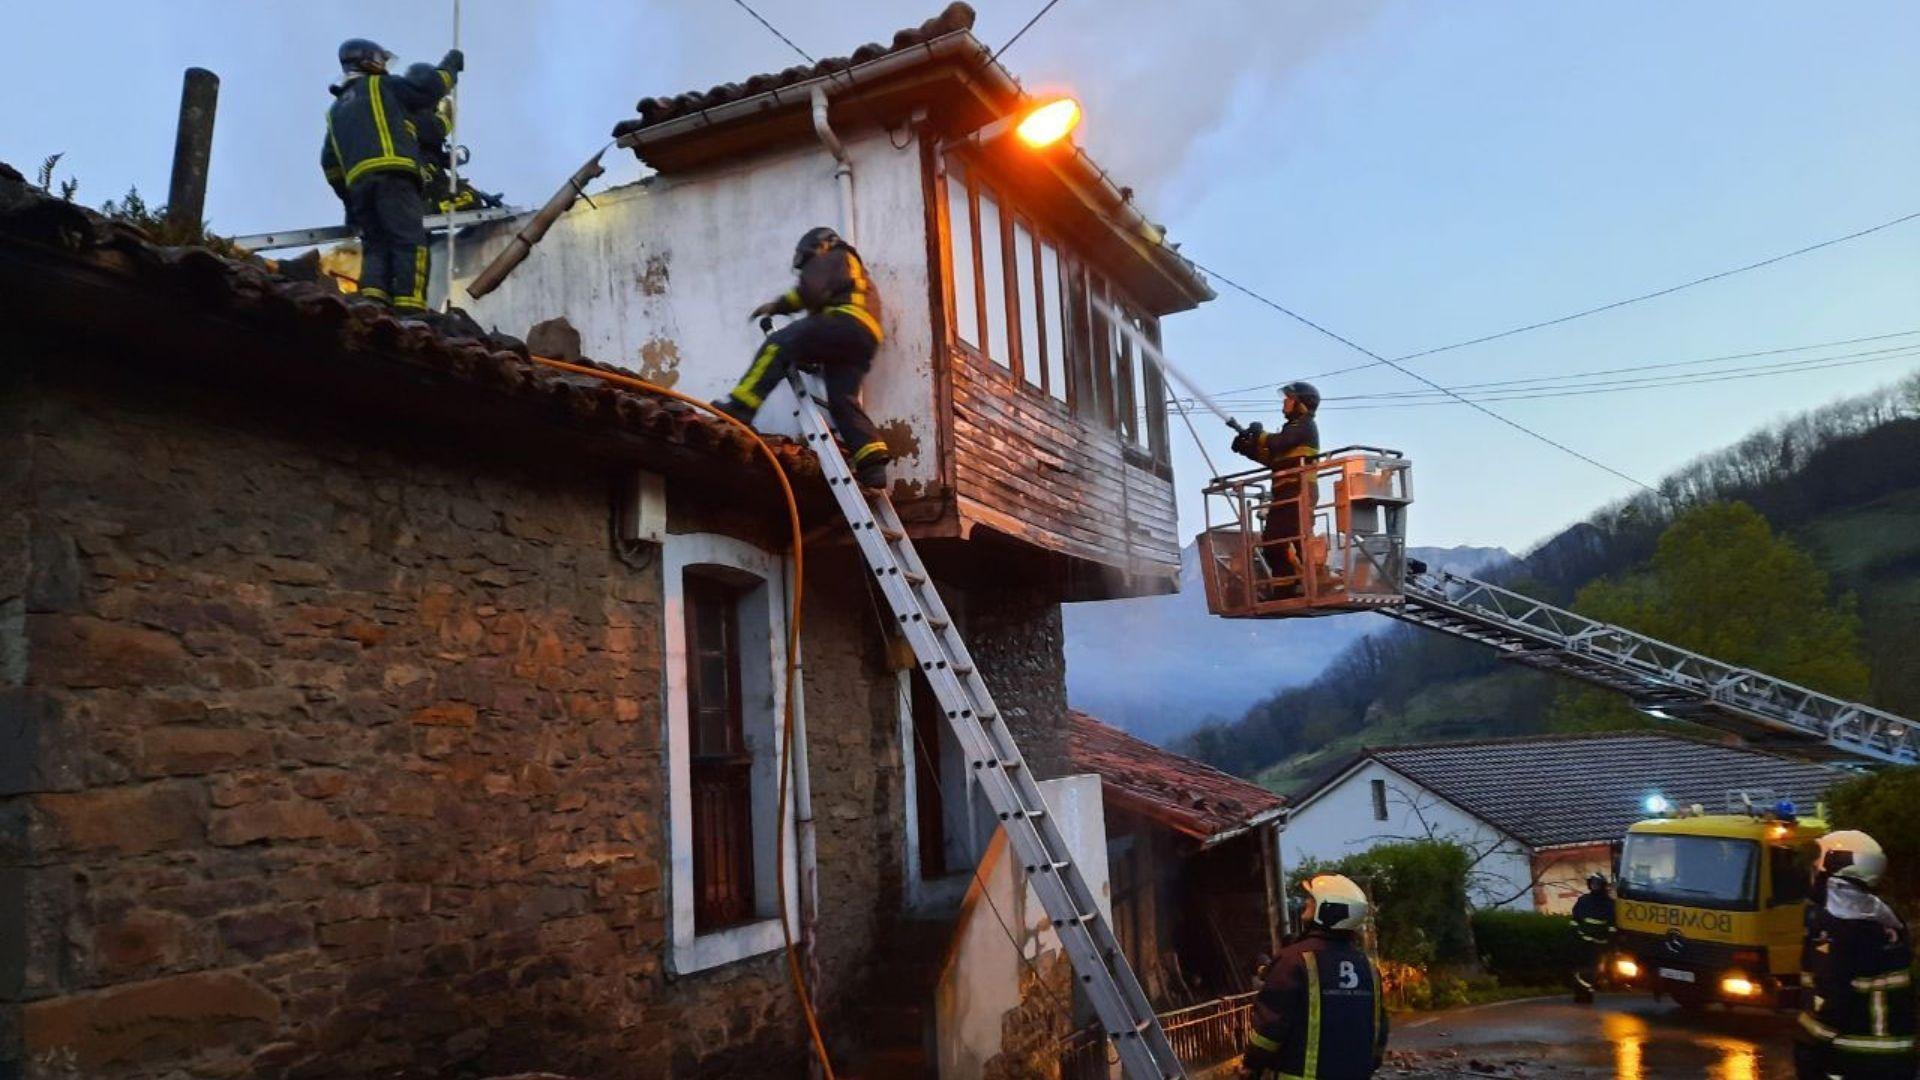 Intervención de los bomberos en la vivienda afectada